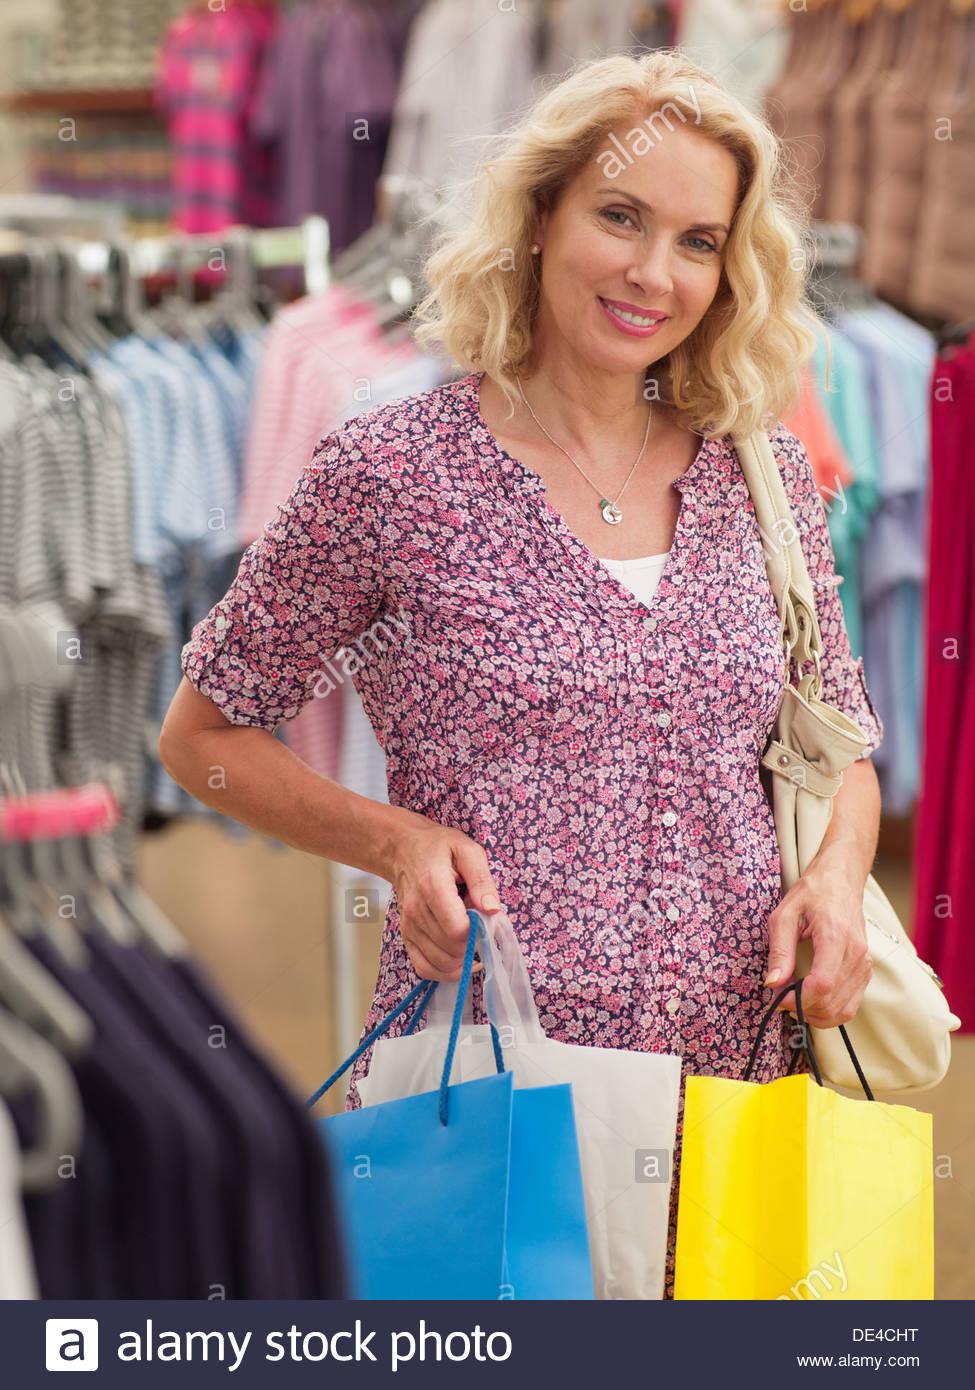 Mujer sonriente llevando bolsas de compras en la tienda de ropa Imagen De Stock